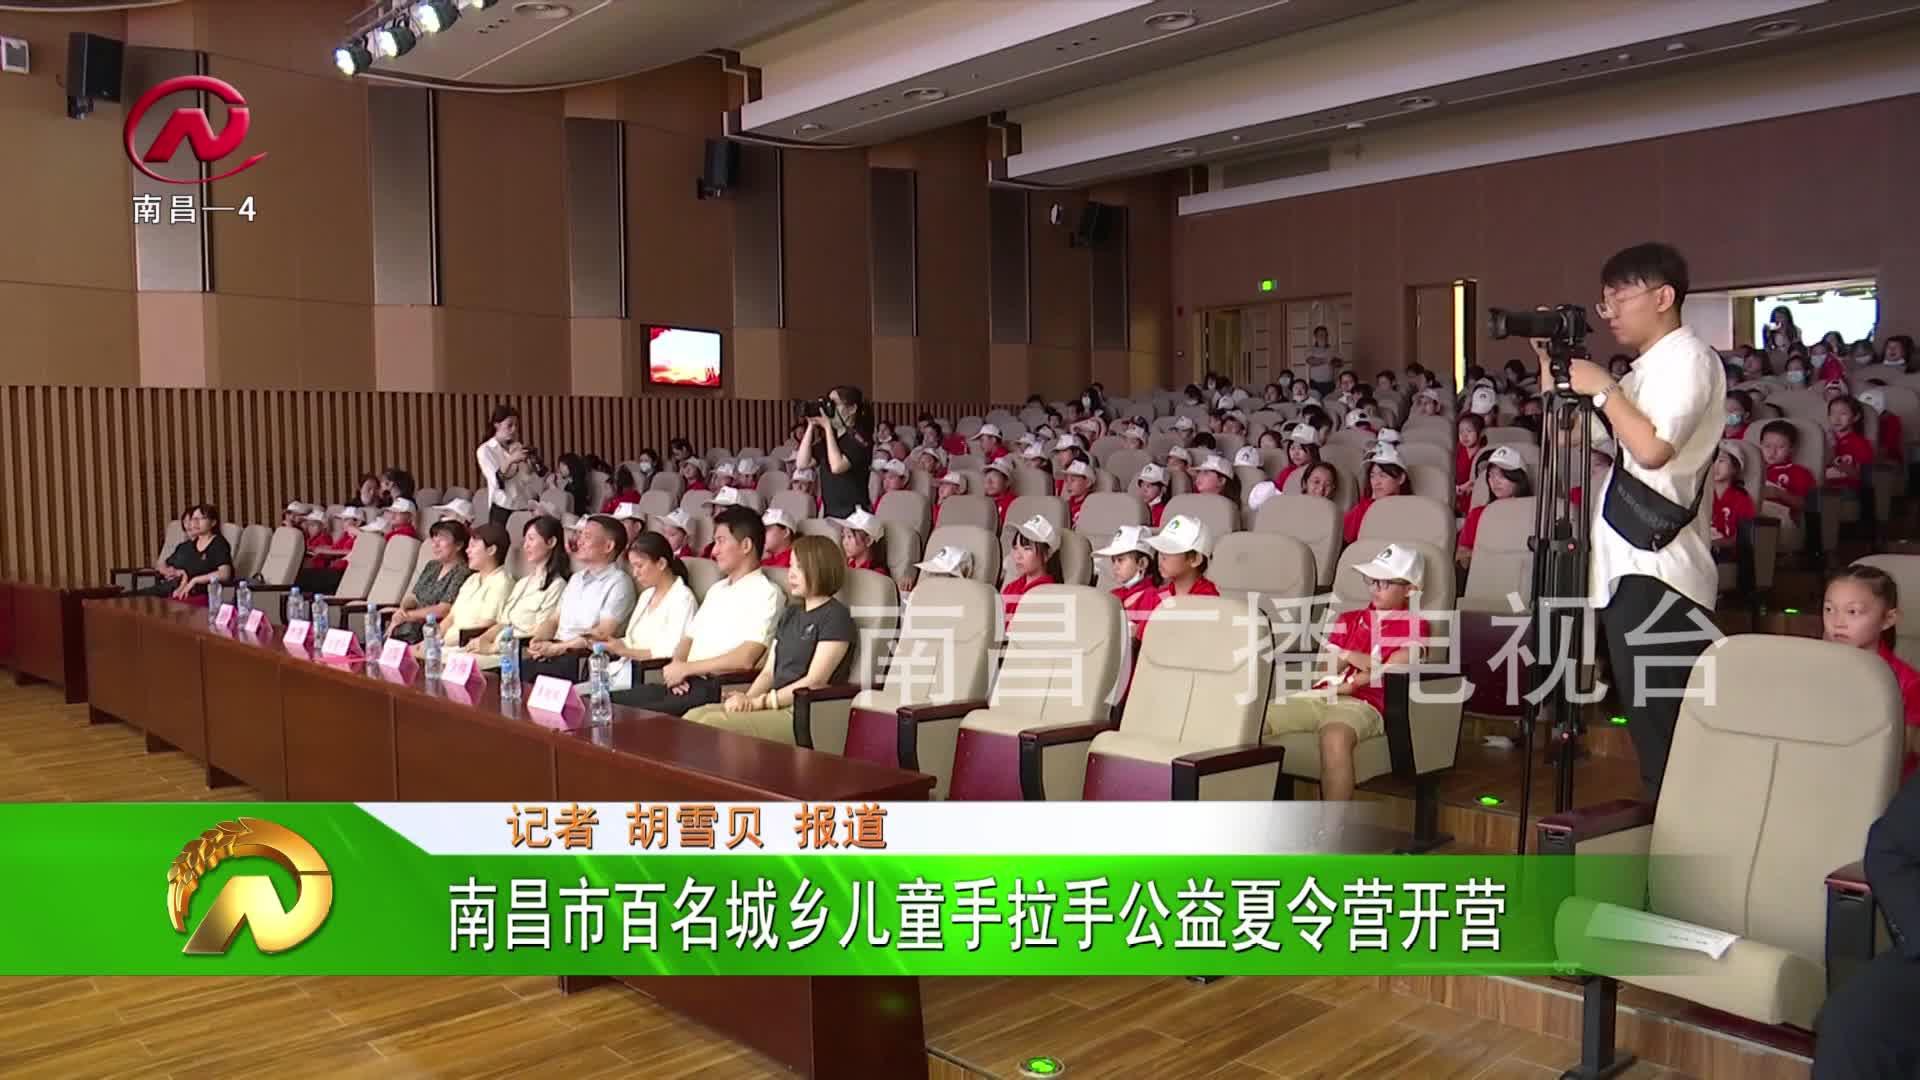 【豫章农视】南昌市百名城乡儿童手拉手公益夏令营开营